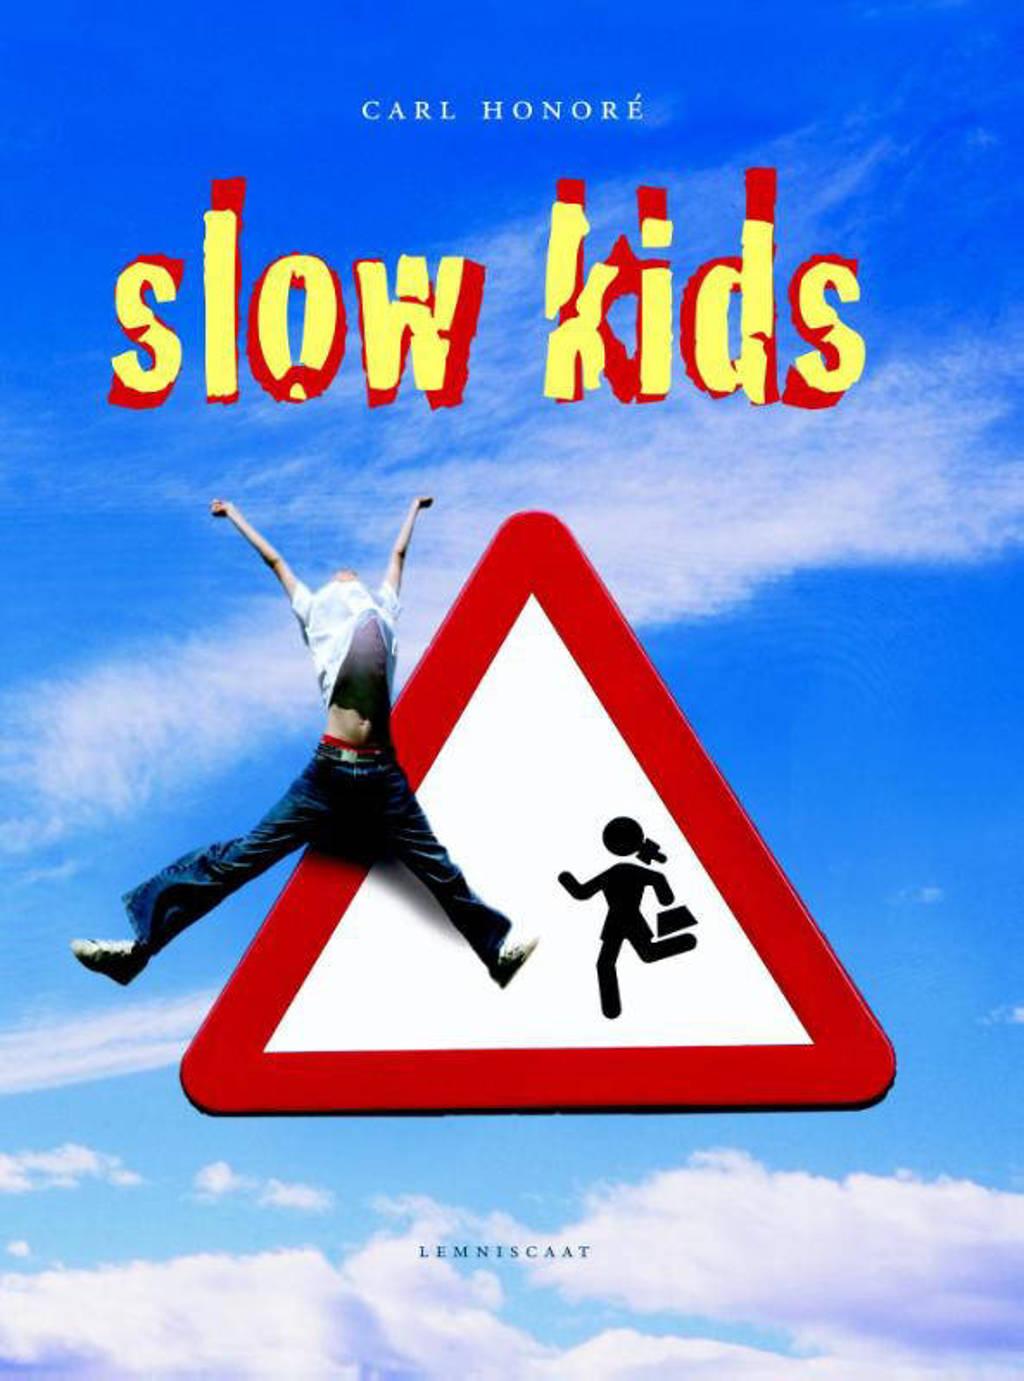 Slow kids - Carl Honore